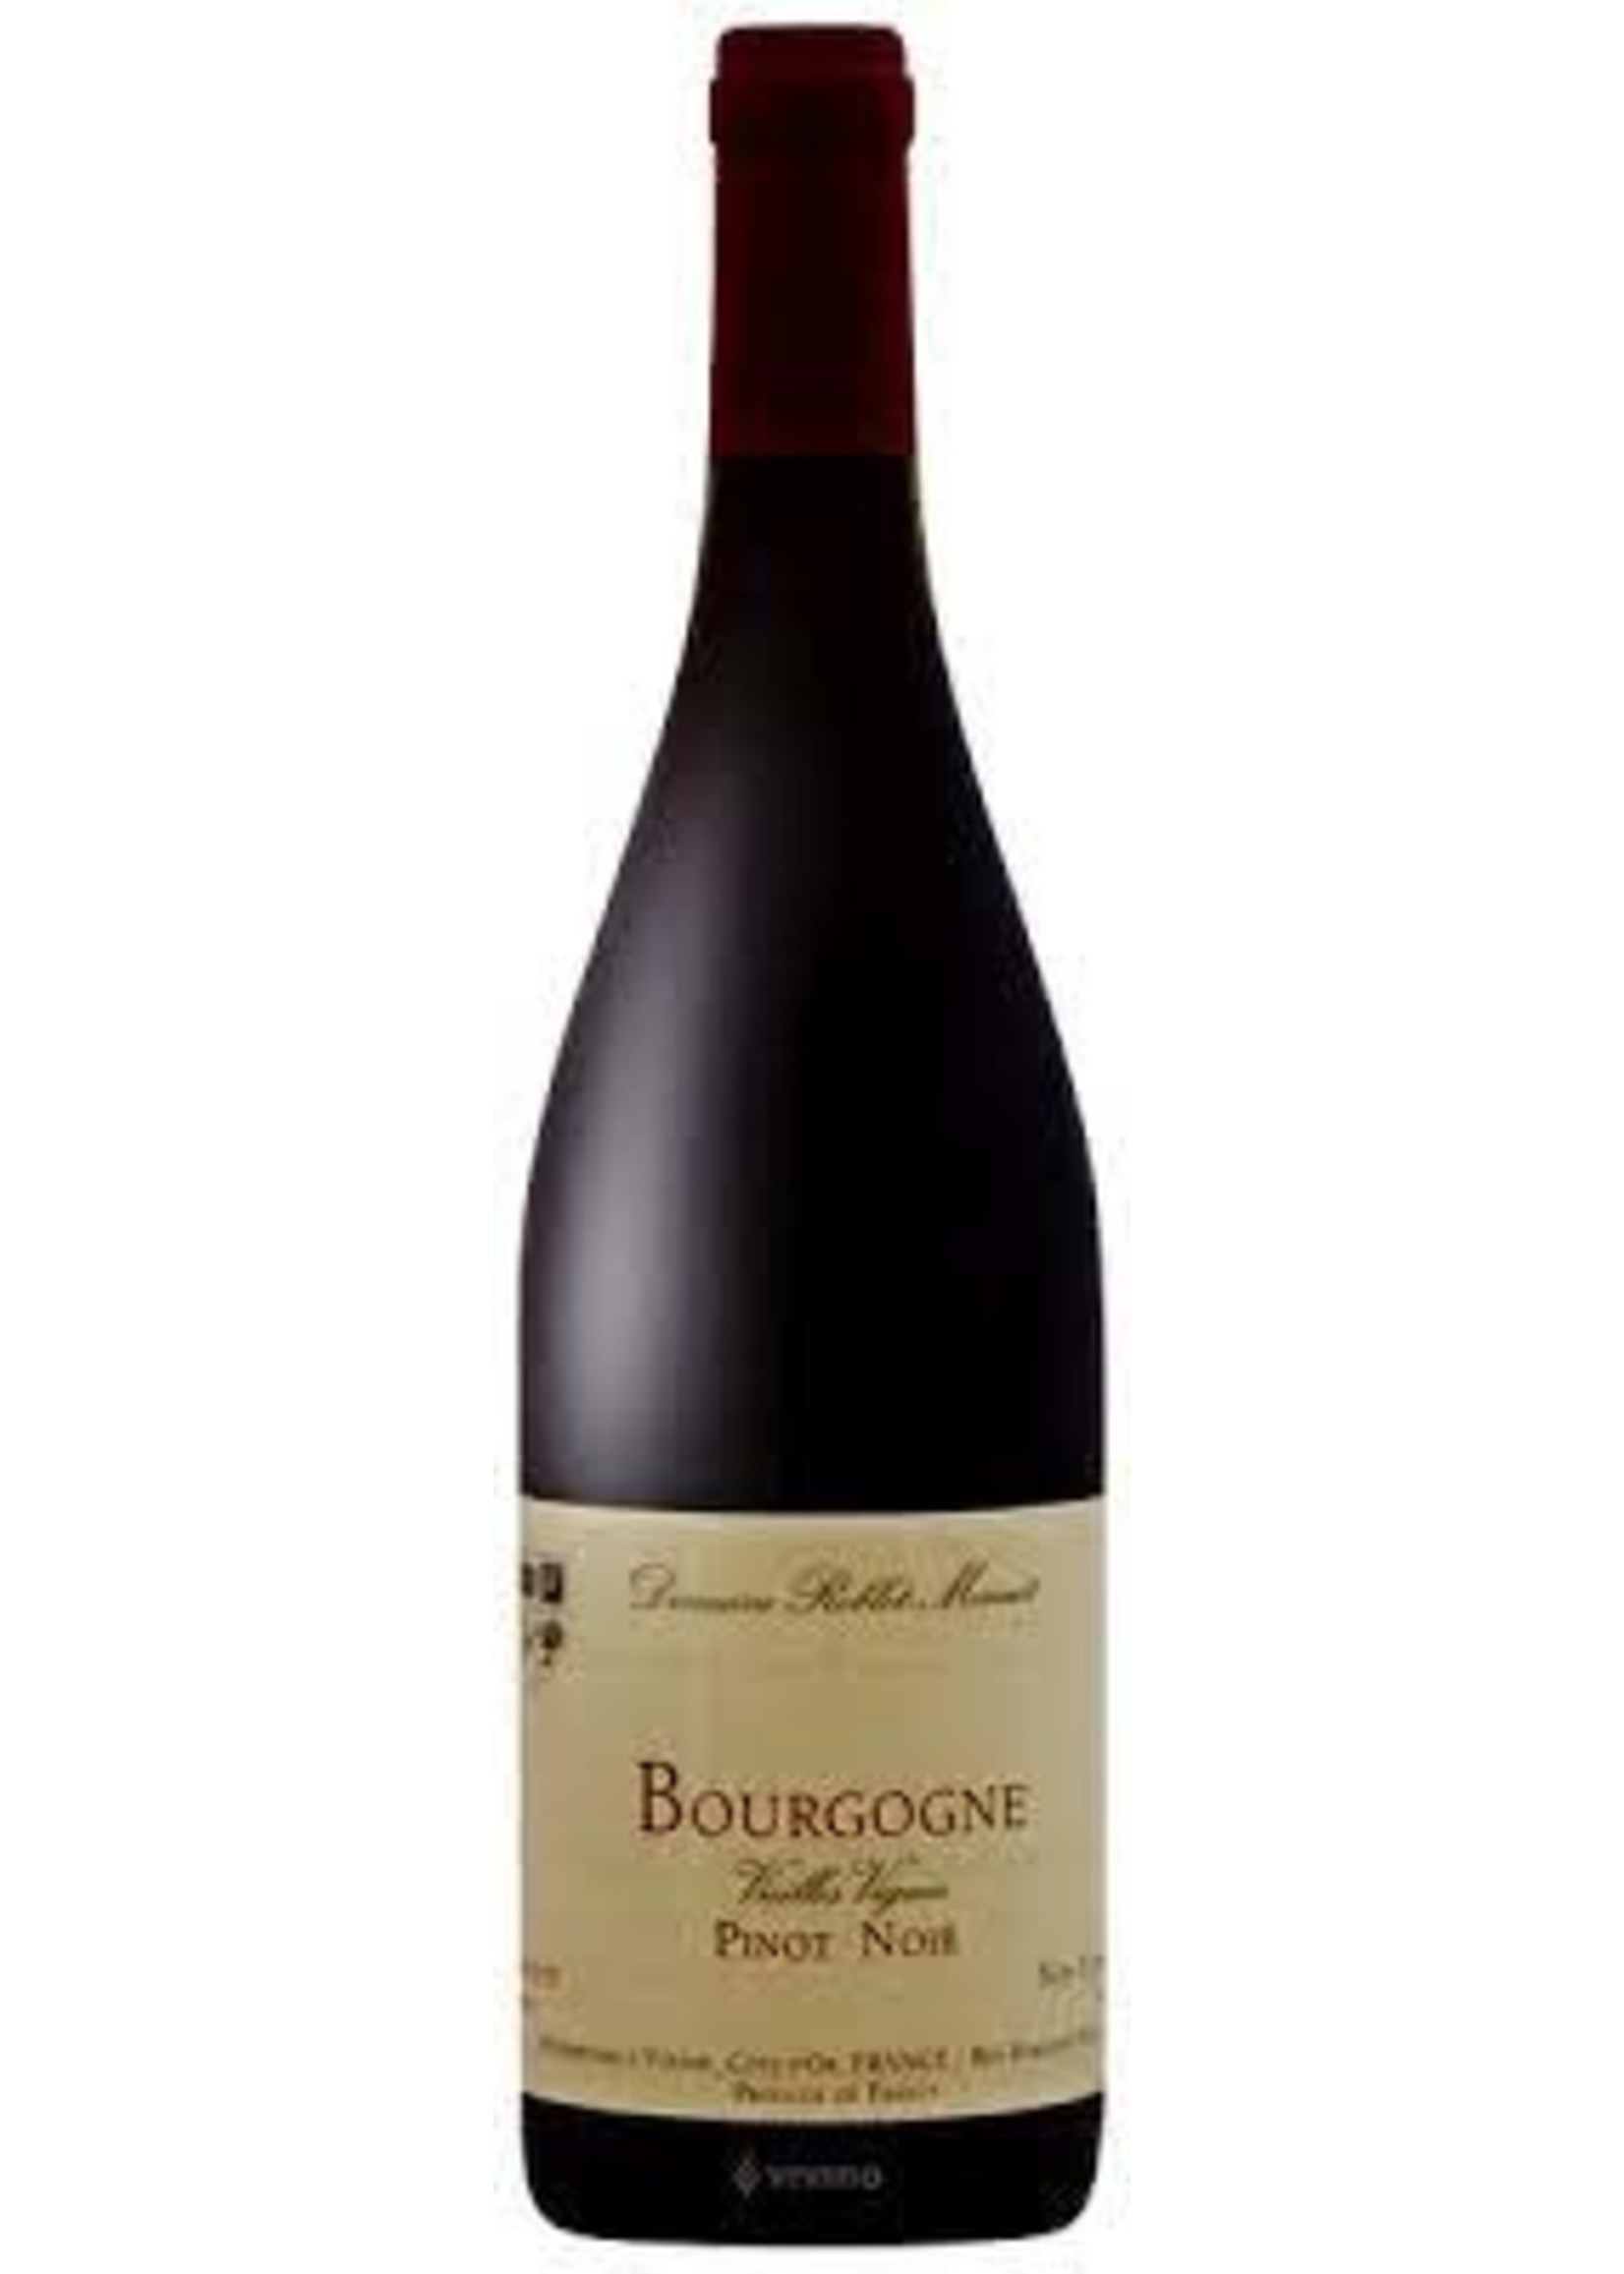 Roblet Monnot 2017 Bourgogne Pinot Noir Vieilles Vignes 750ml